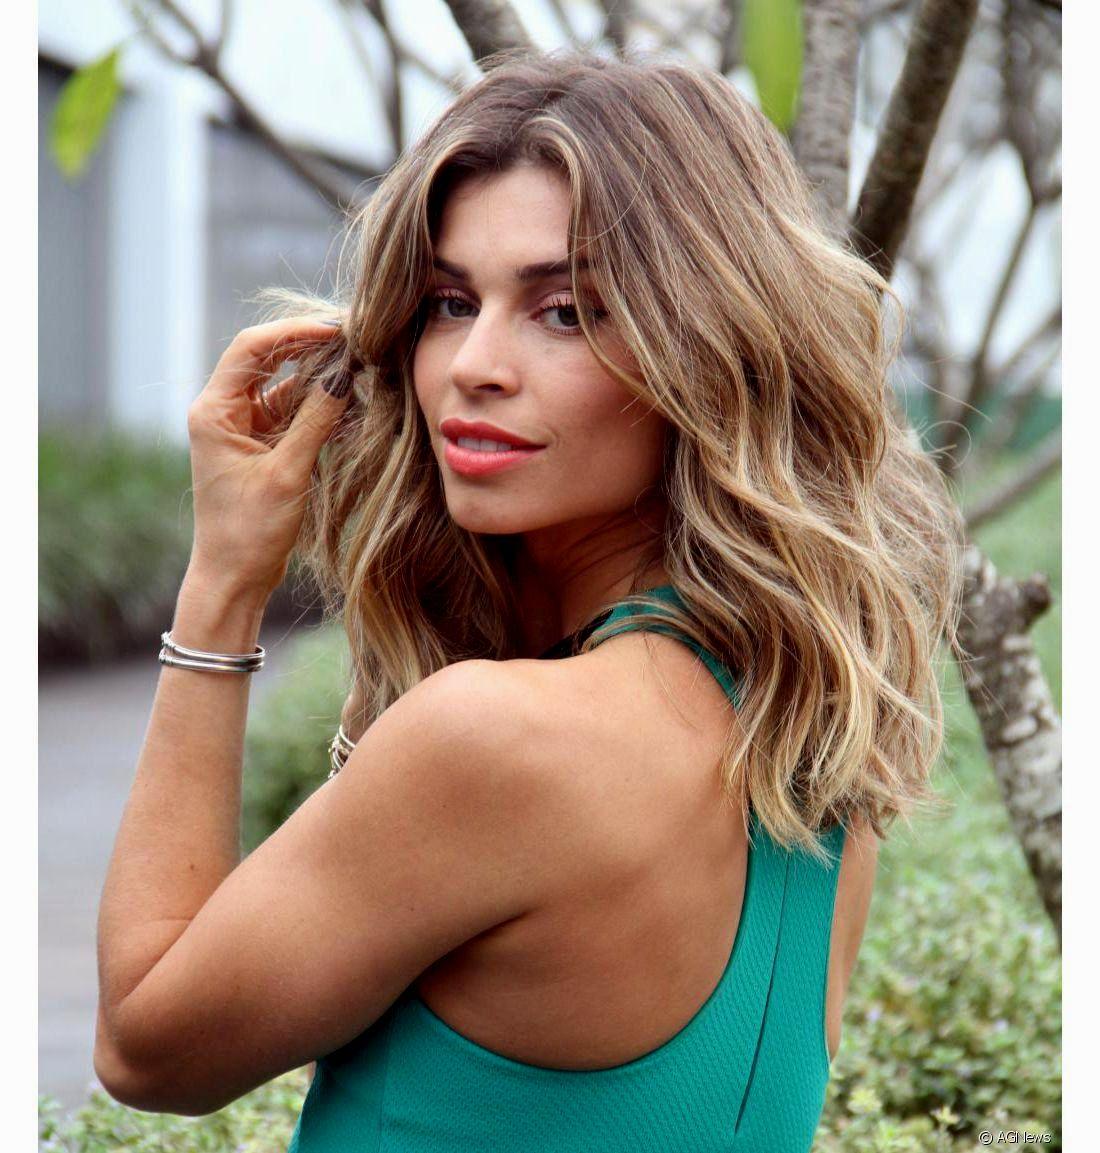 melhor corte de cabelo modelo foto-Inspirational Corte De Cabelo Modelo Foto